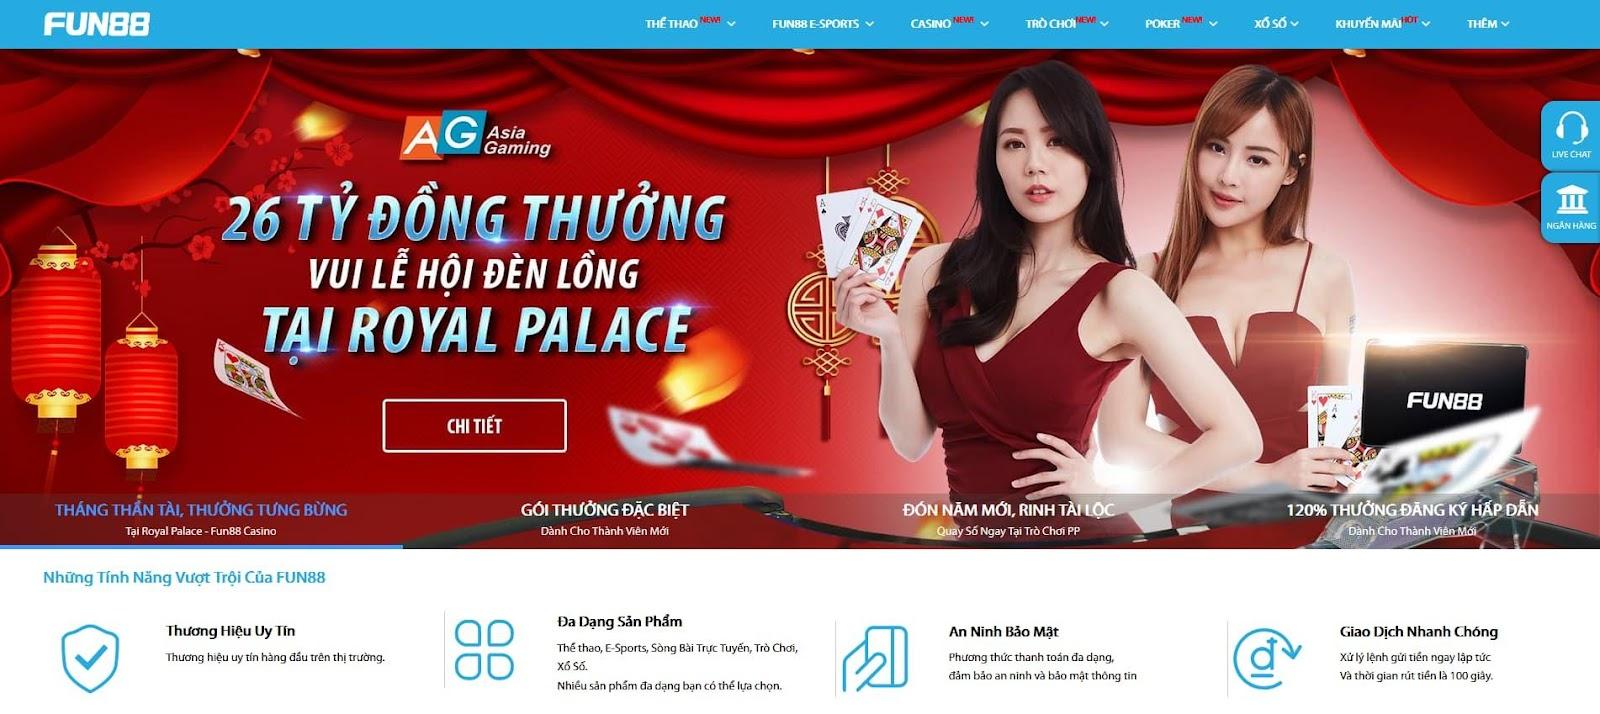 Fun88 - Đánh giá nhà cái uy tín Fun88, link vào Fun88 mới nhất 2021